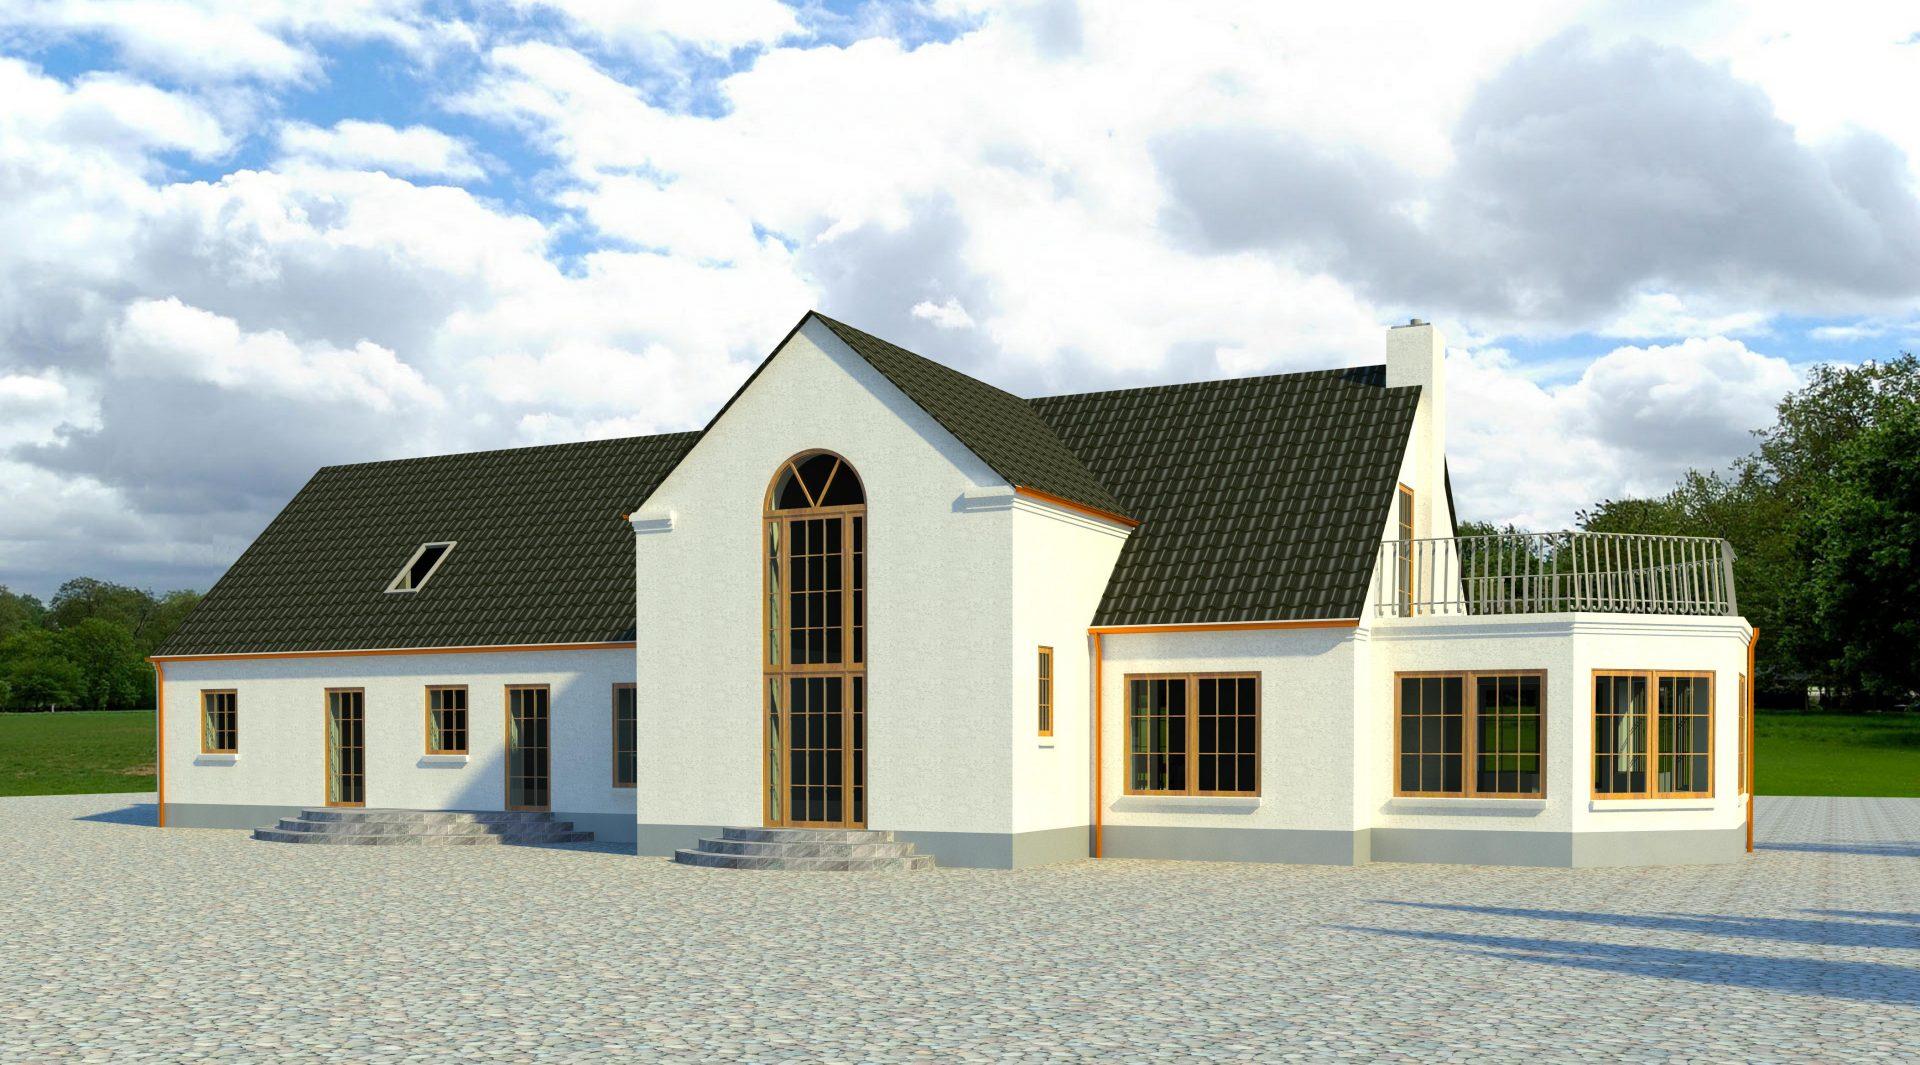 Stuehus til landejendom